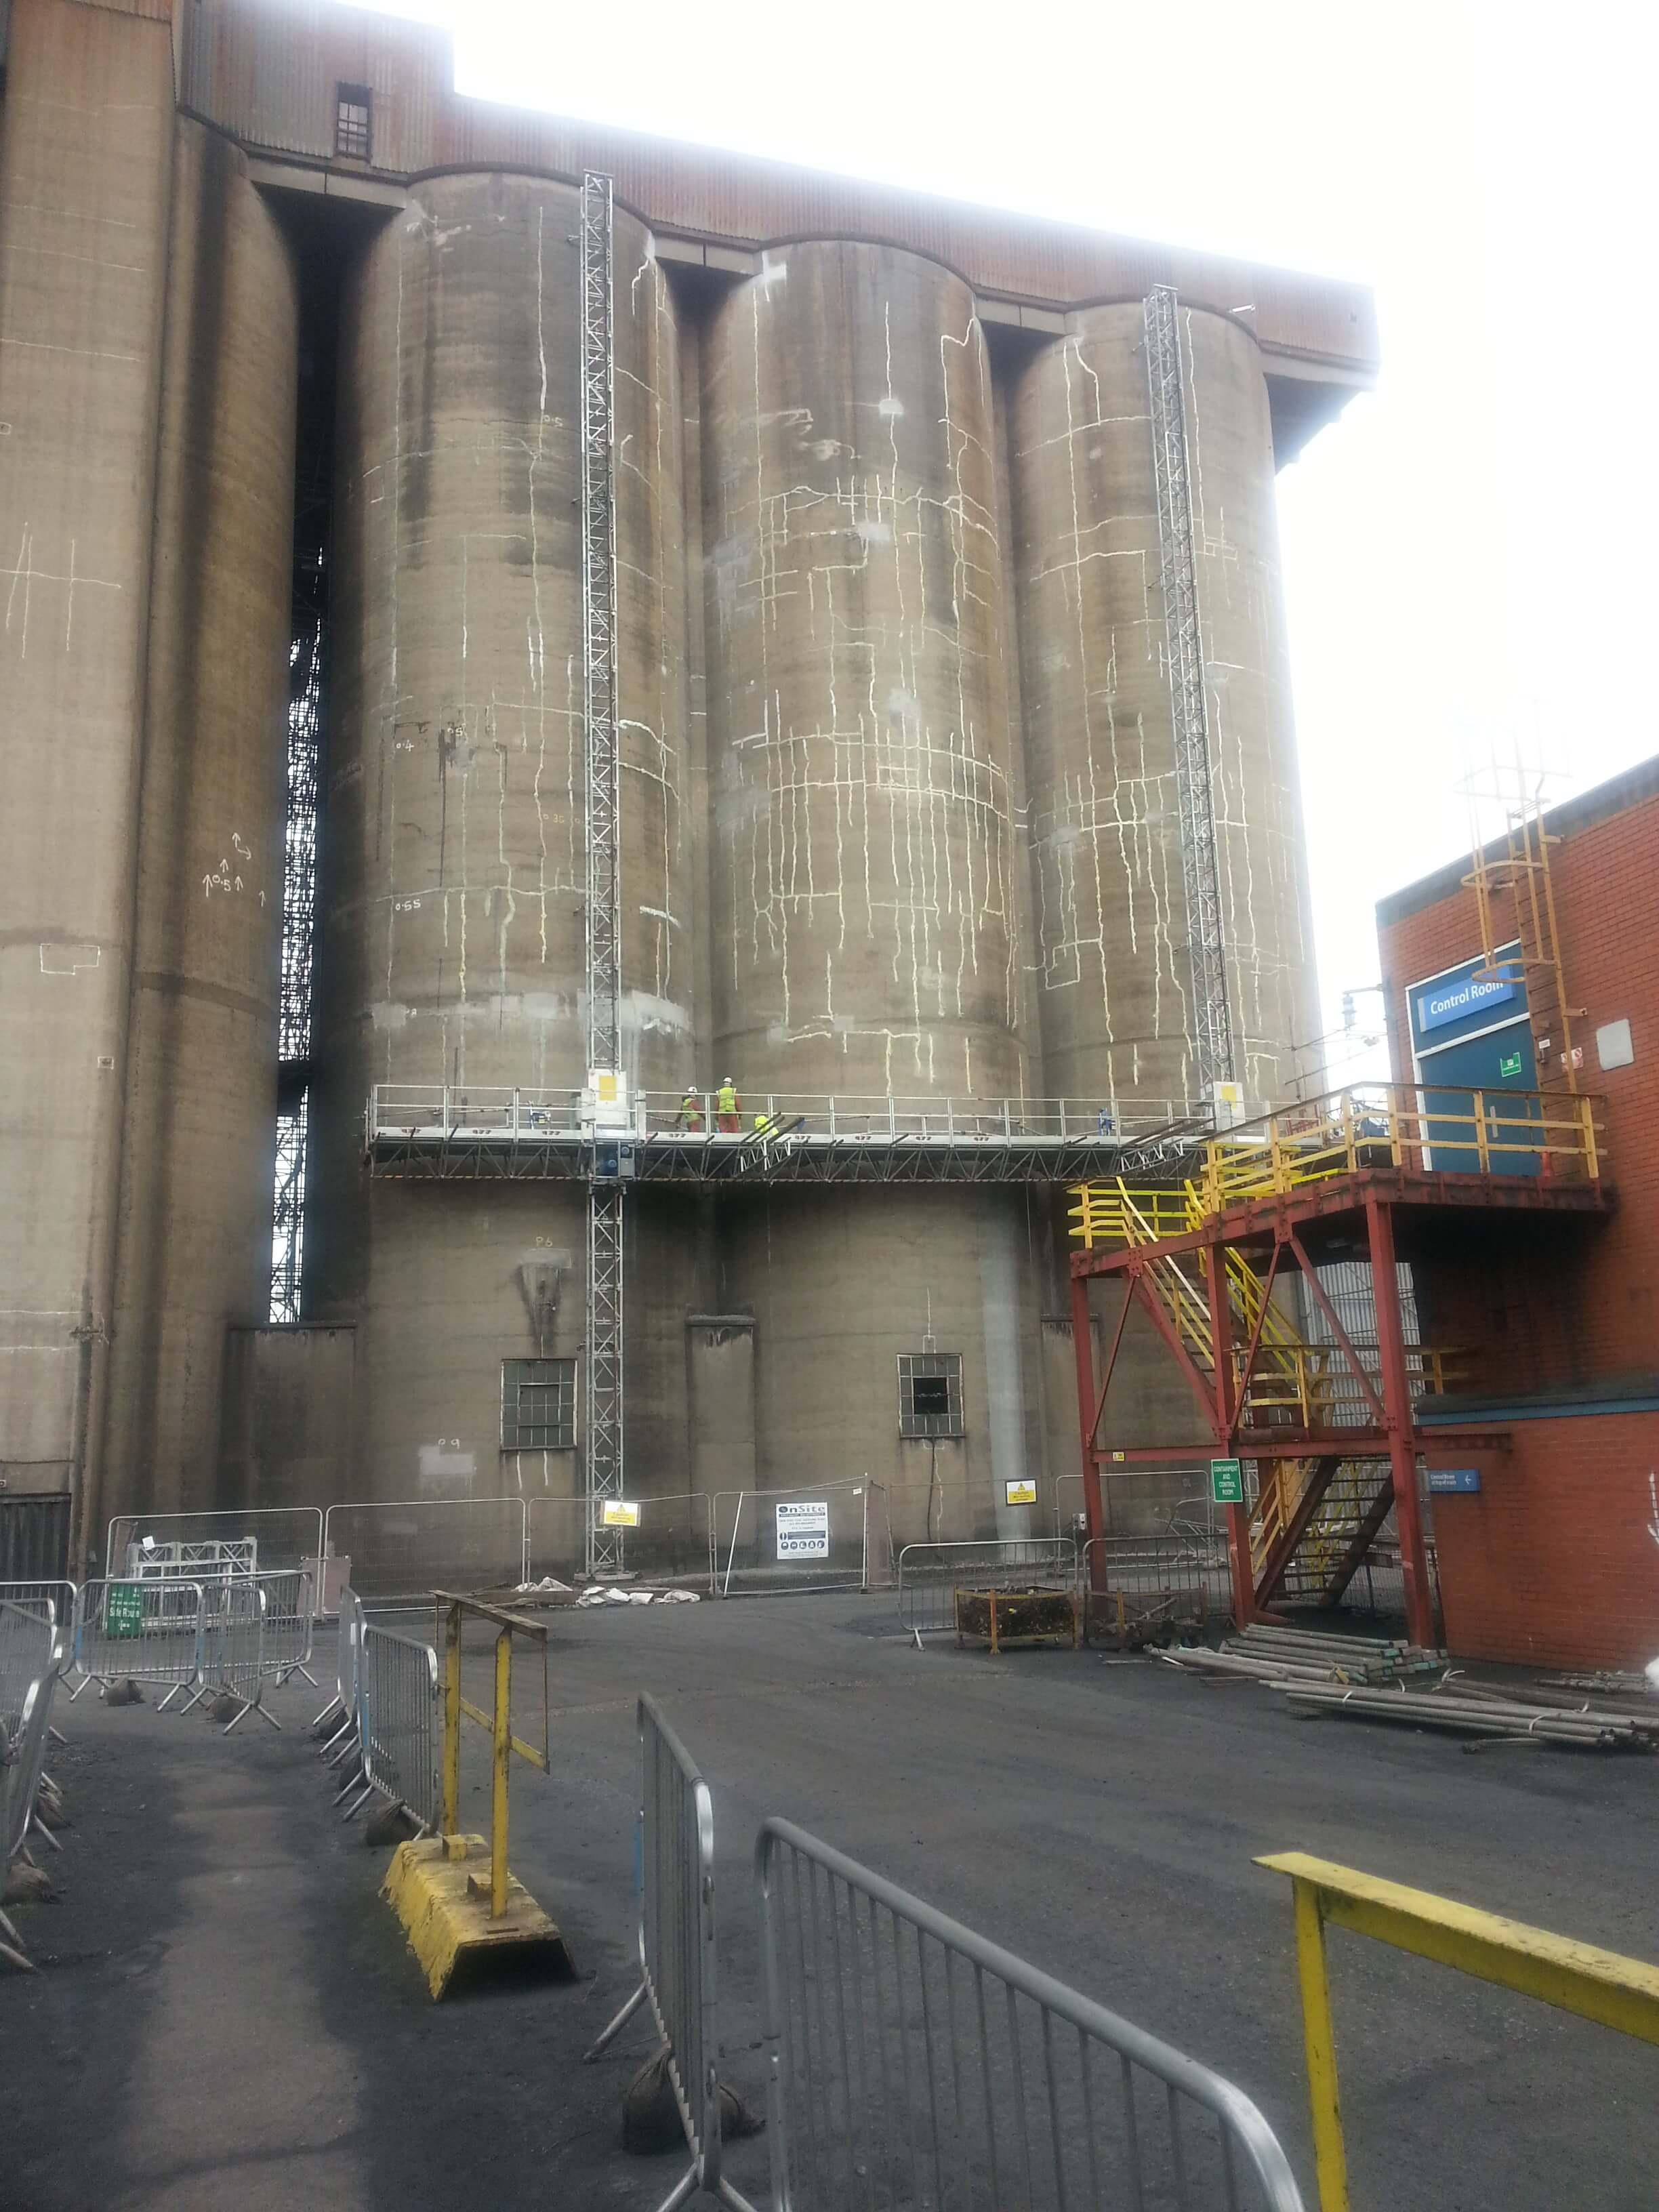 Repairing concrete silos